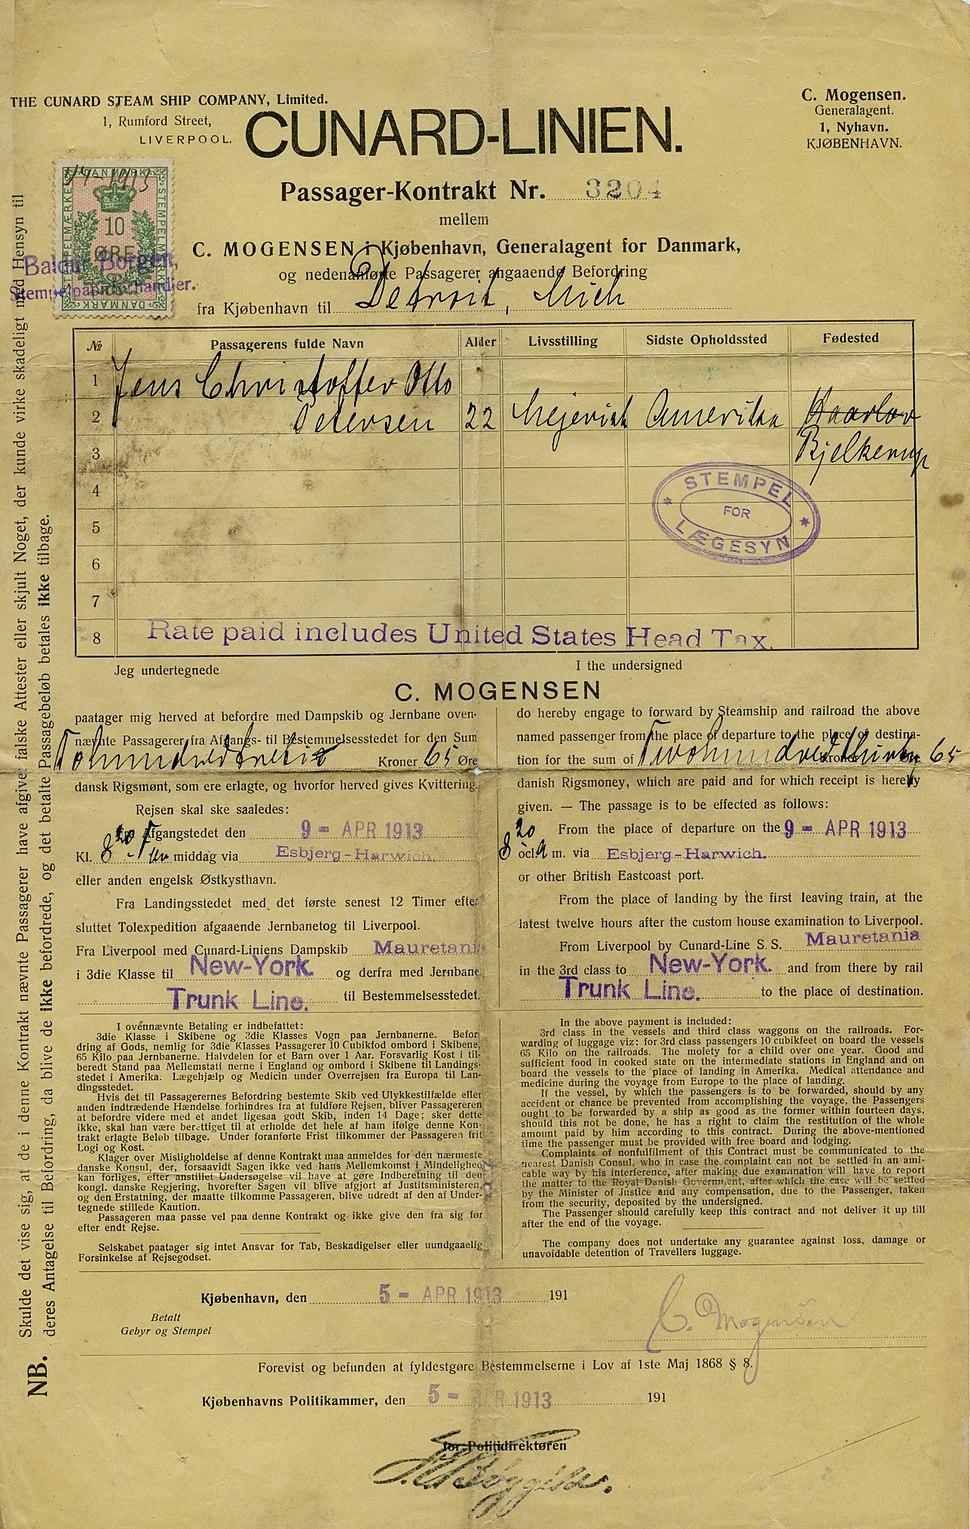 1913 ticket on RMS Mauretania